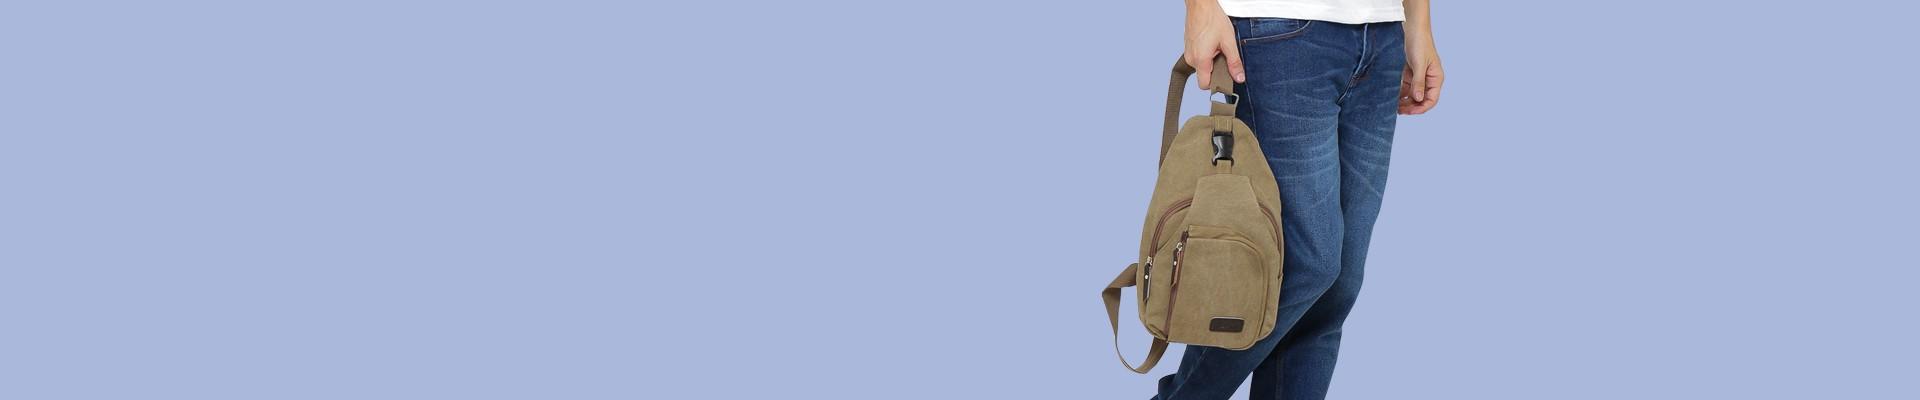 Jual Waist Bag Pria / Tas Pinggang Pria - Model Baru & Harga Murah